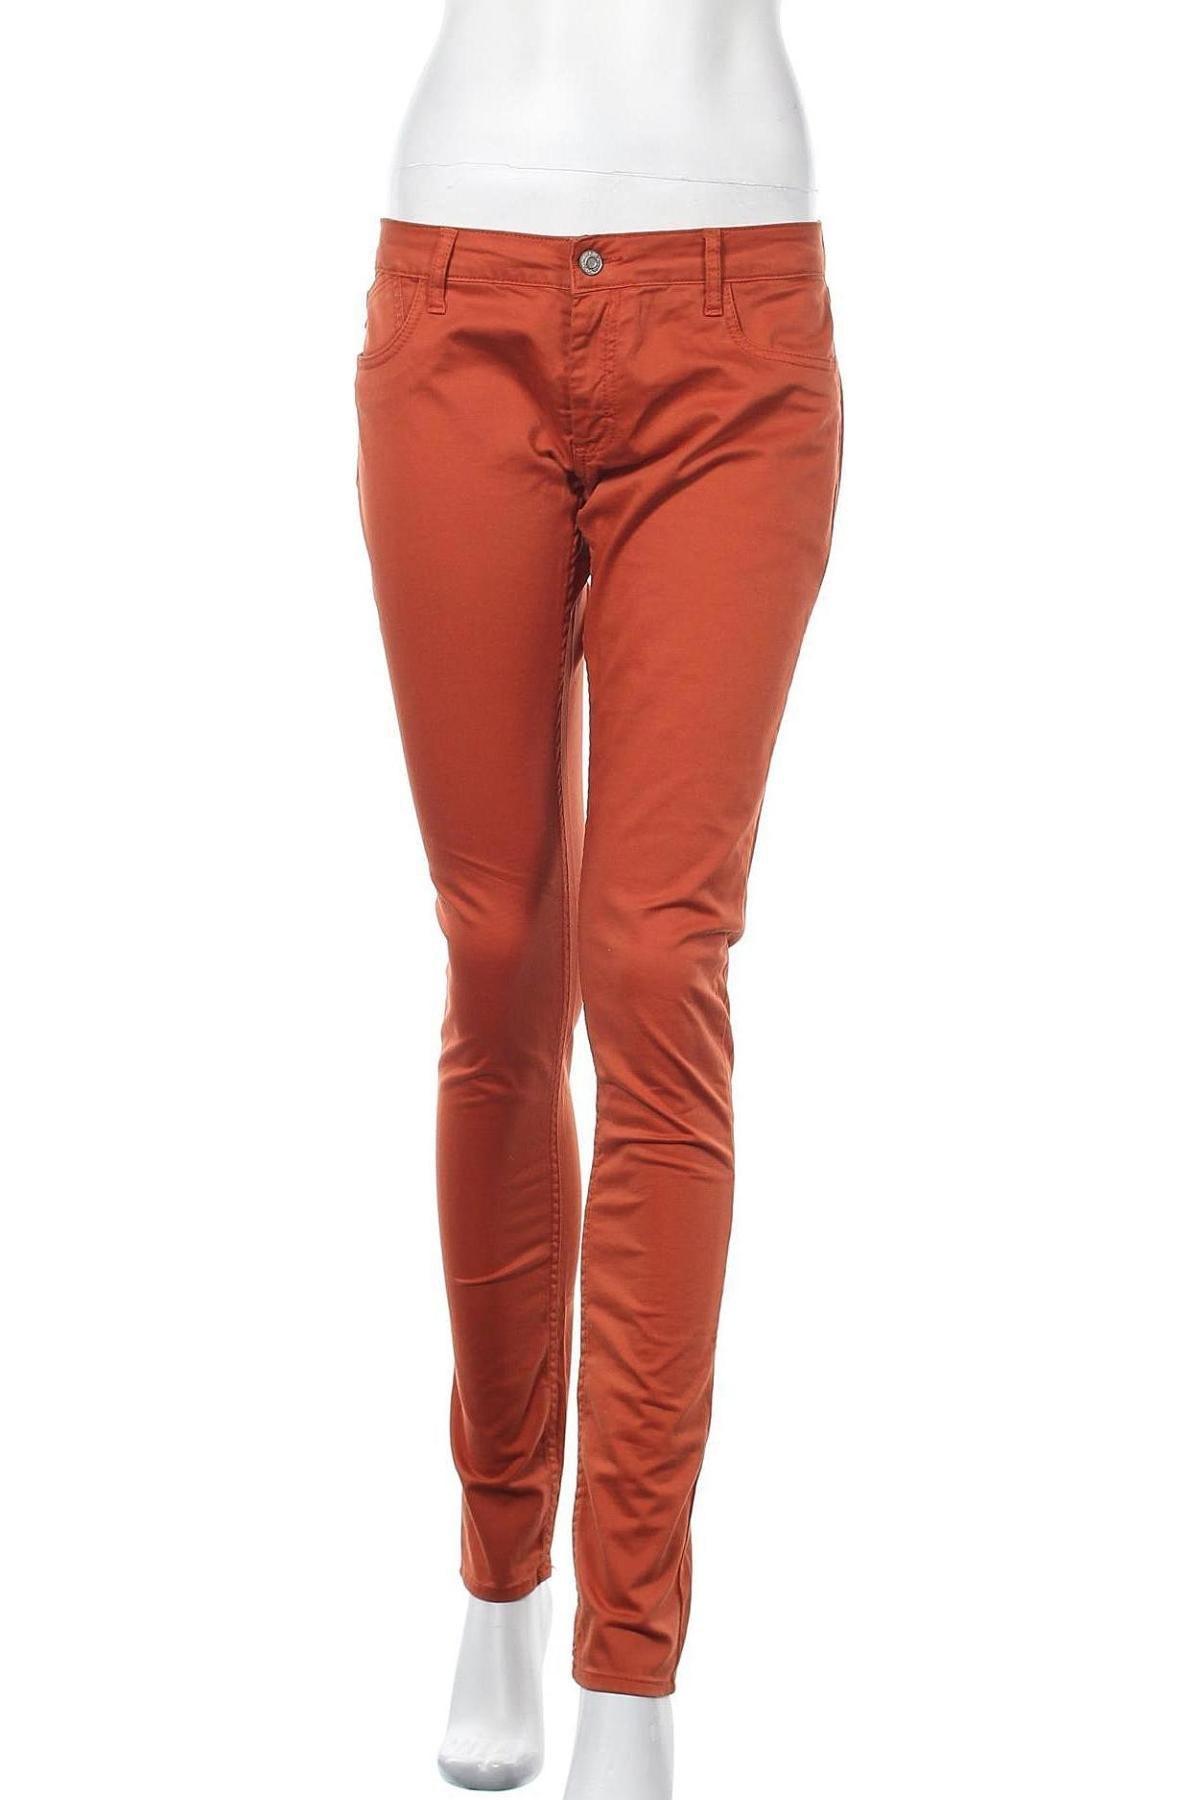 Γυναικείο παντελόνι Le Temps Des Cerises, Μέγεθος L, Χρώμα Πορτοκαλί, 97% βαμβάκι, 3% ελαστάνη, Τιμή 9,50€